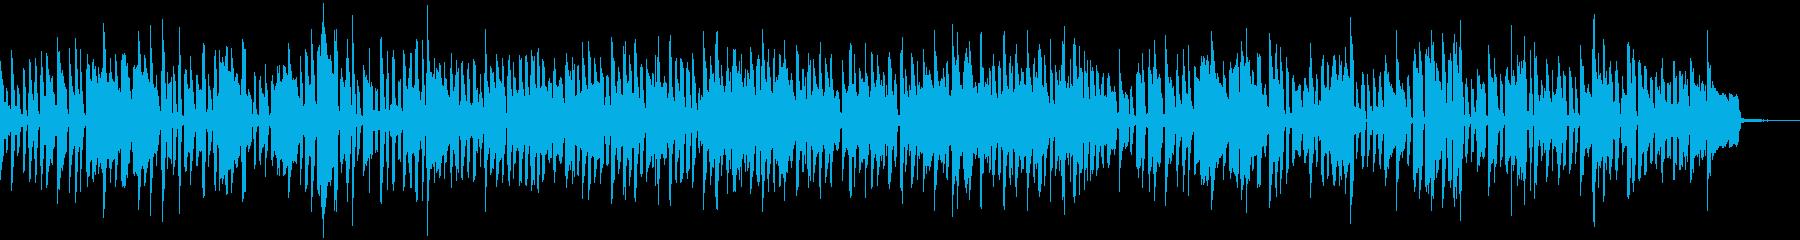 オルガンによるロック調のブルースの再生済みの波形